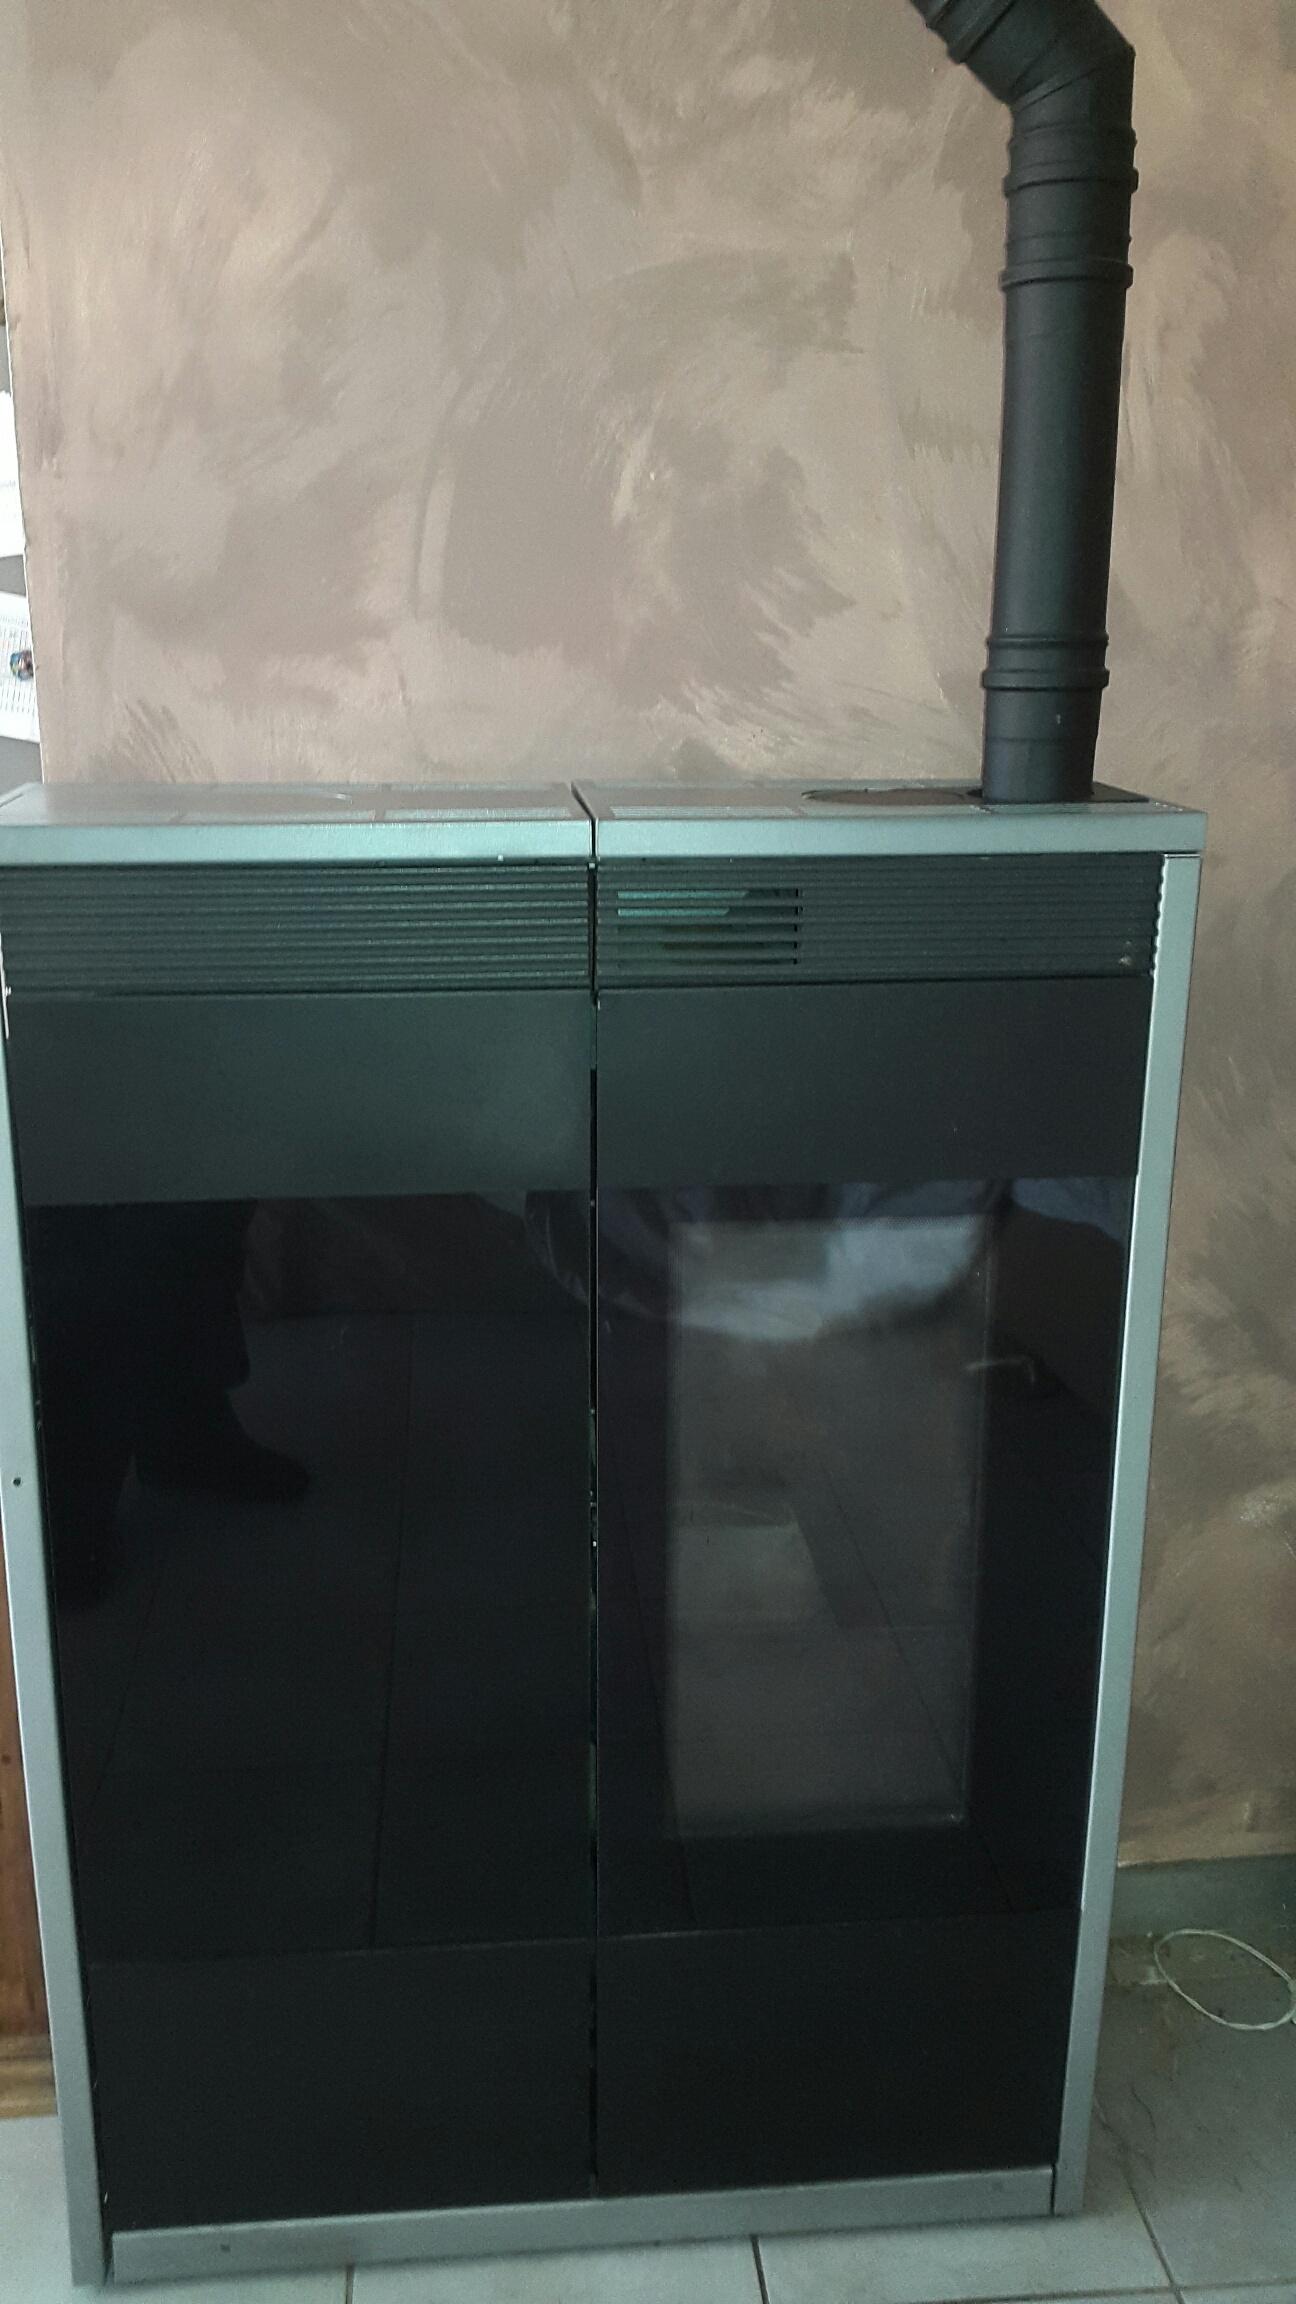 entretien poele a granule edilkamin lyon entretien poele. Black Bedroom Furniture Sets. Home Design Ideas